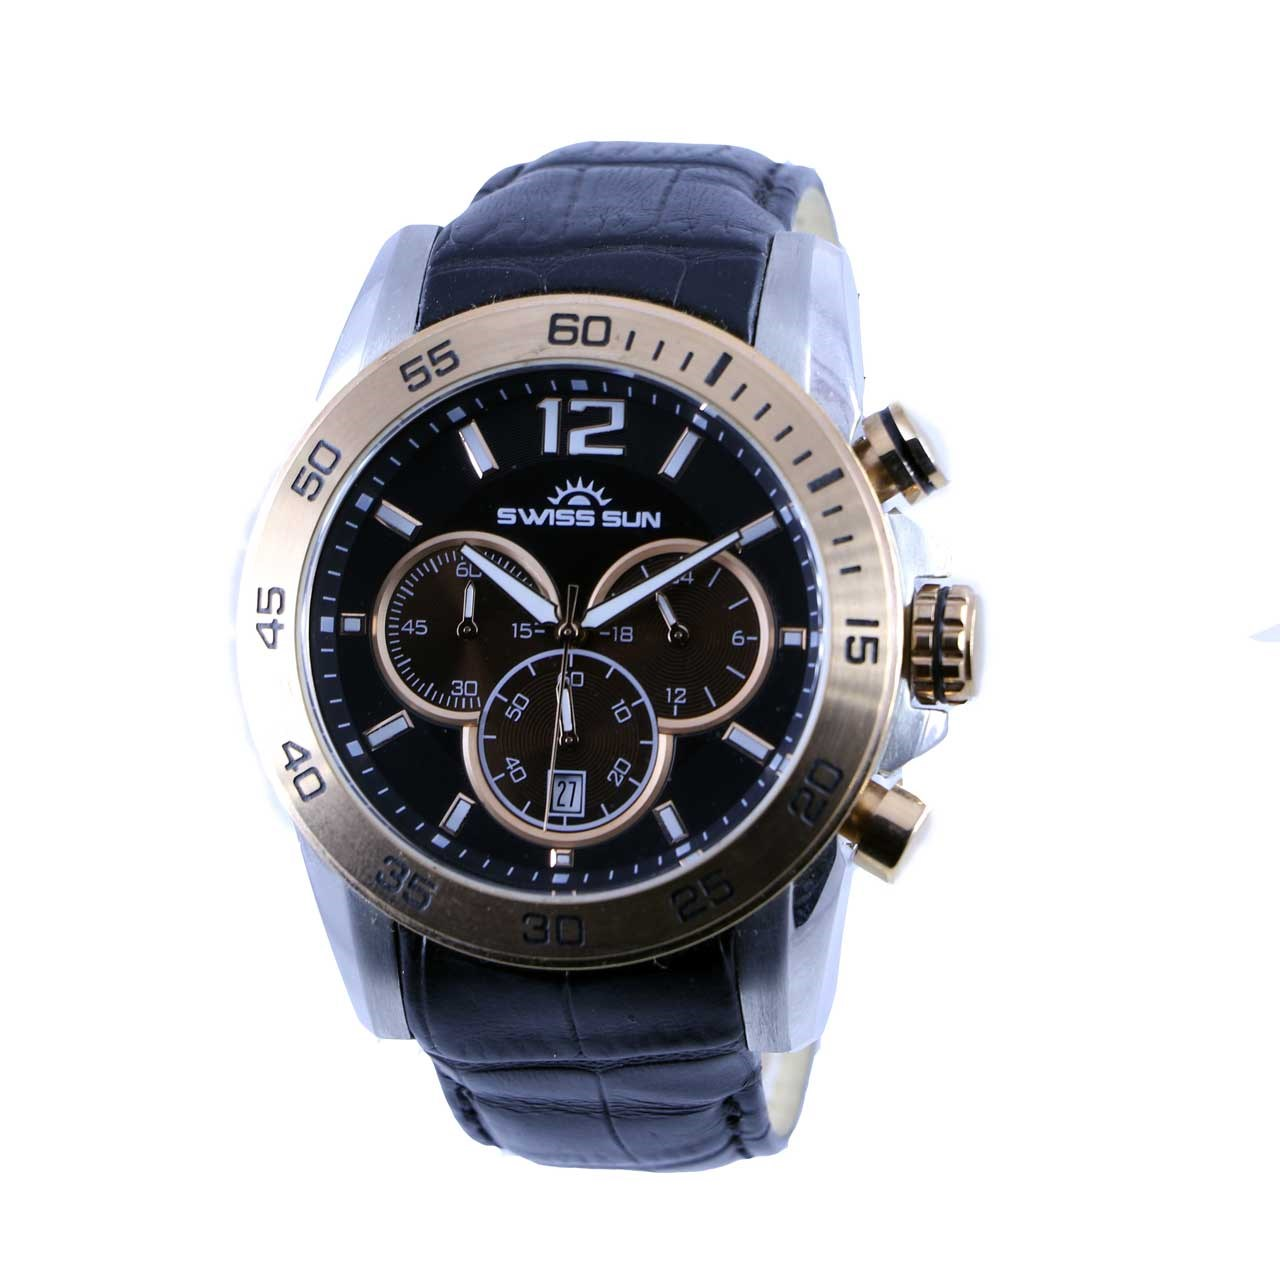 ساعت  سوئیس سان مدل g3282-g